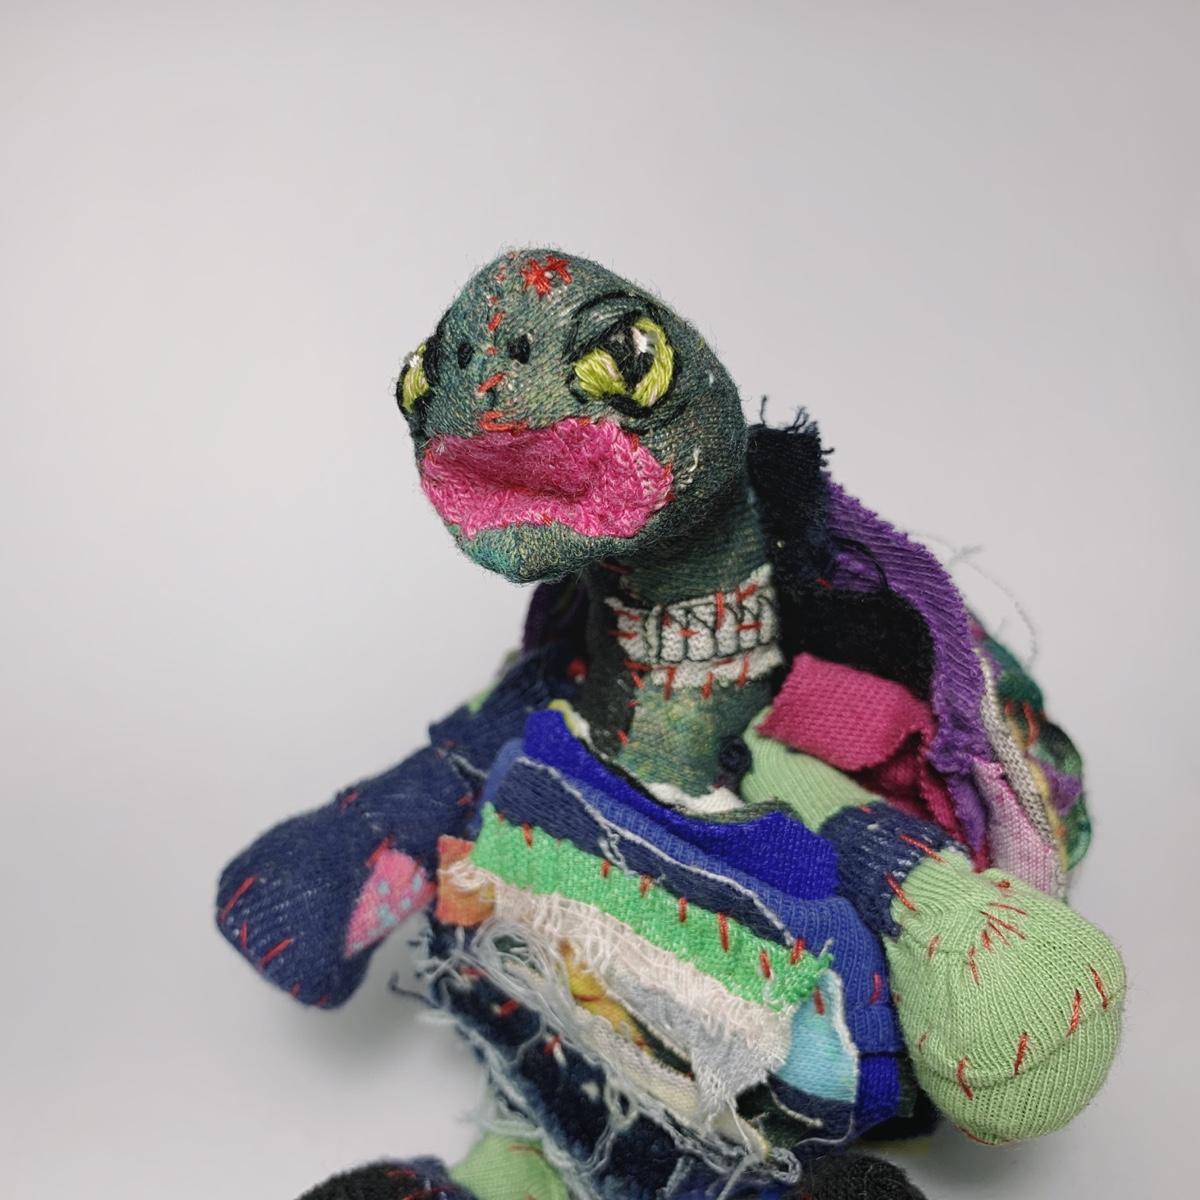 portrait of textile art doll terrapine